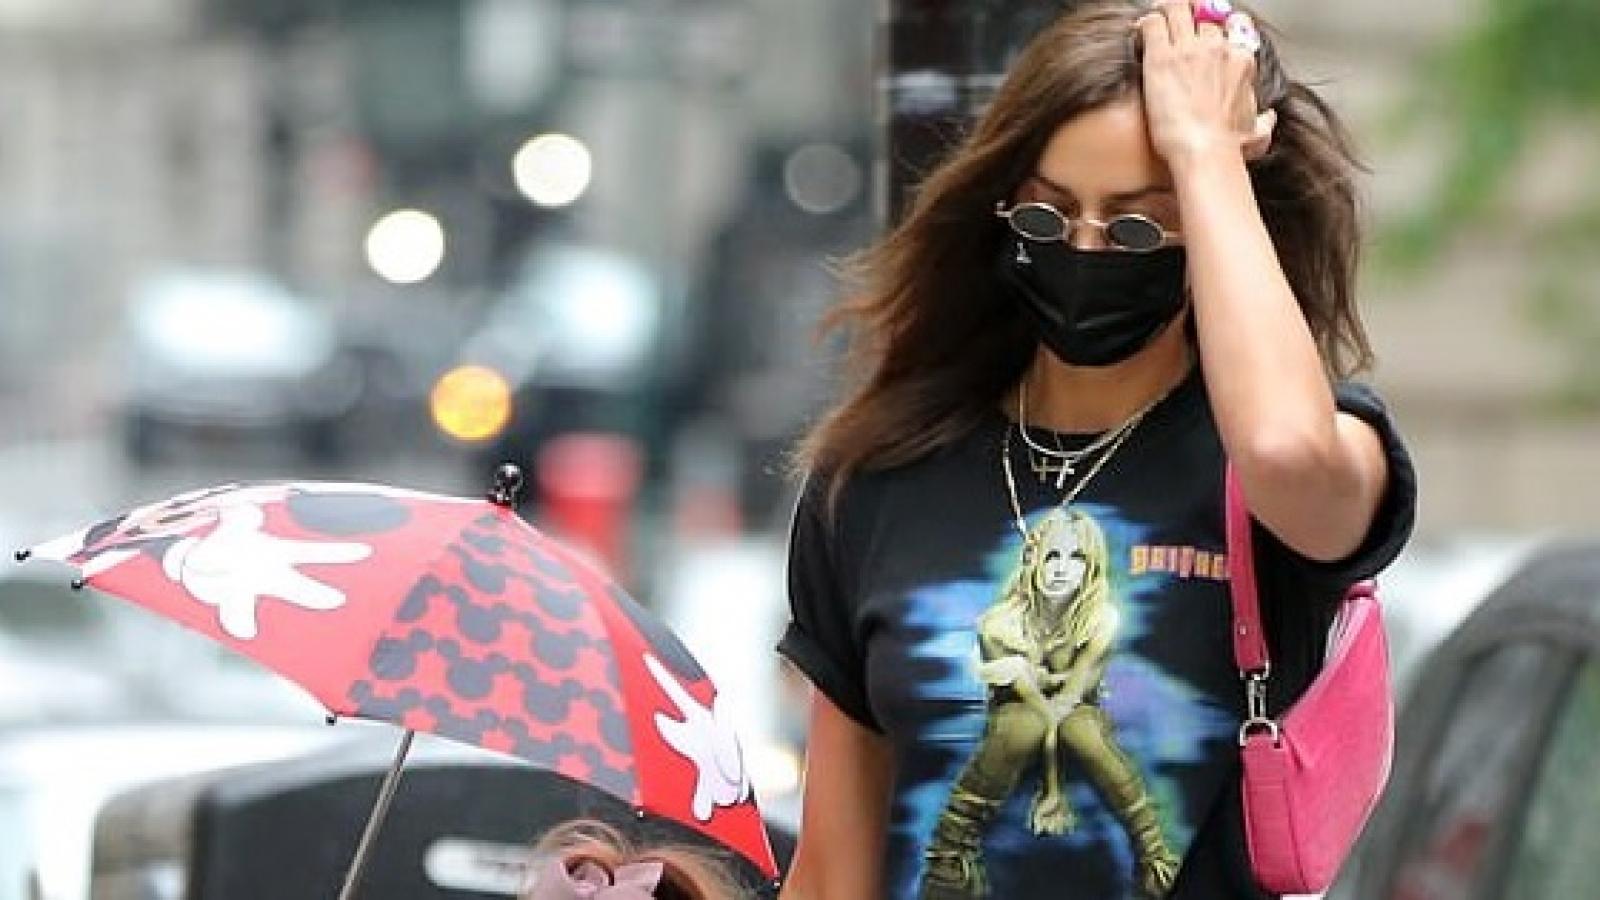 Irina Shayk diện áo in hình Britney Spears đi chơi cùng con gái cưng